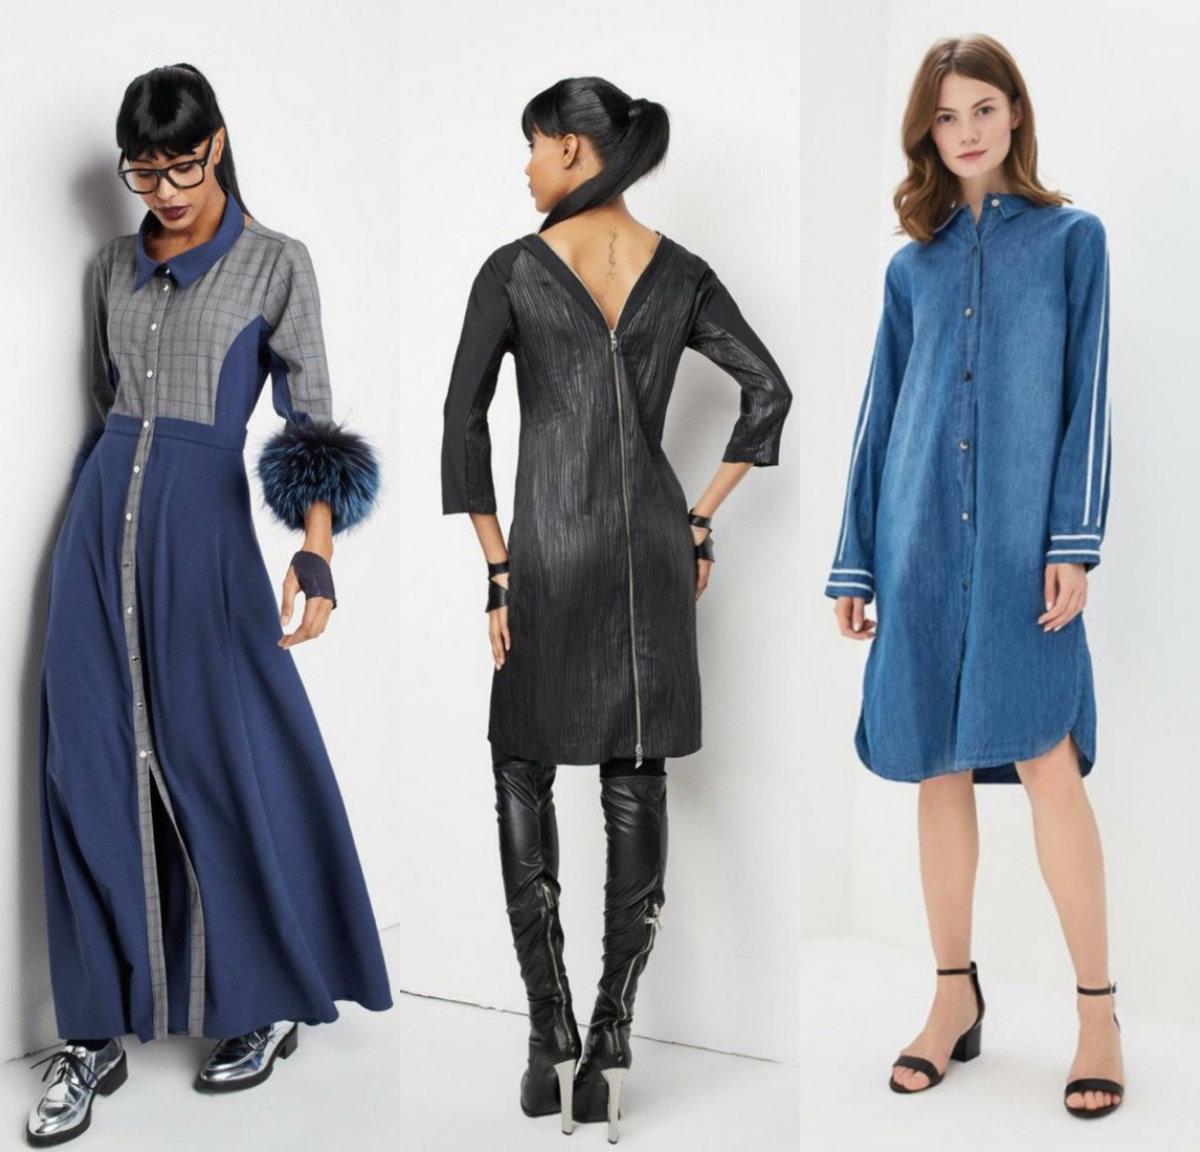 Джинсовые платья 2018: спортивные модели